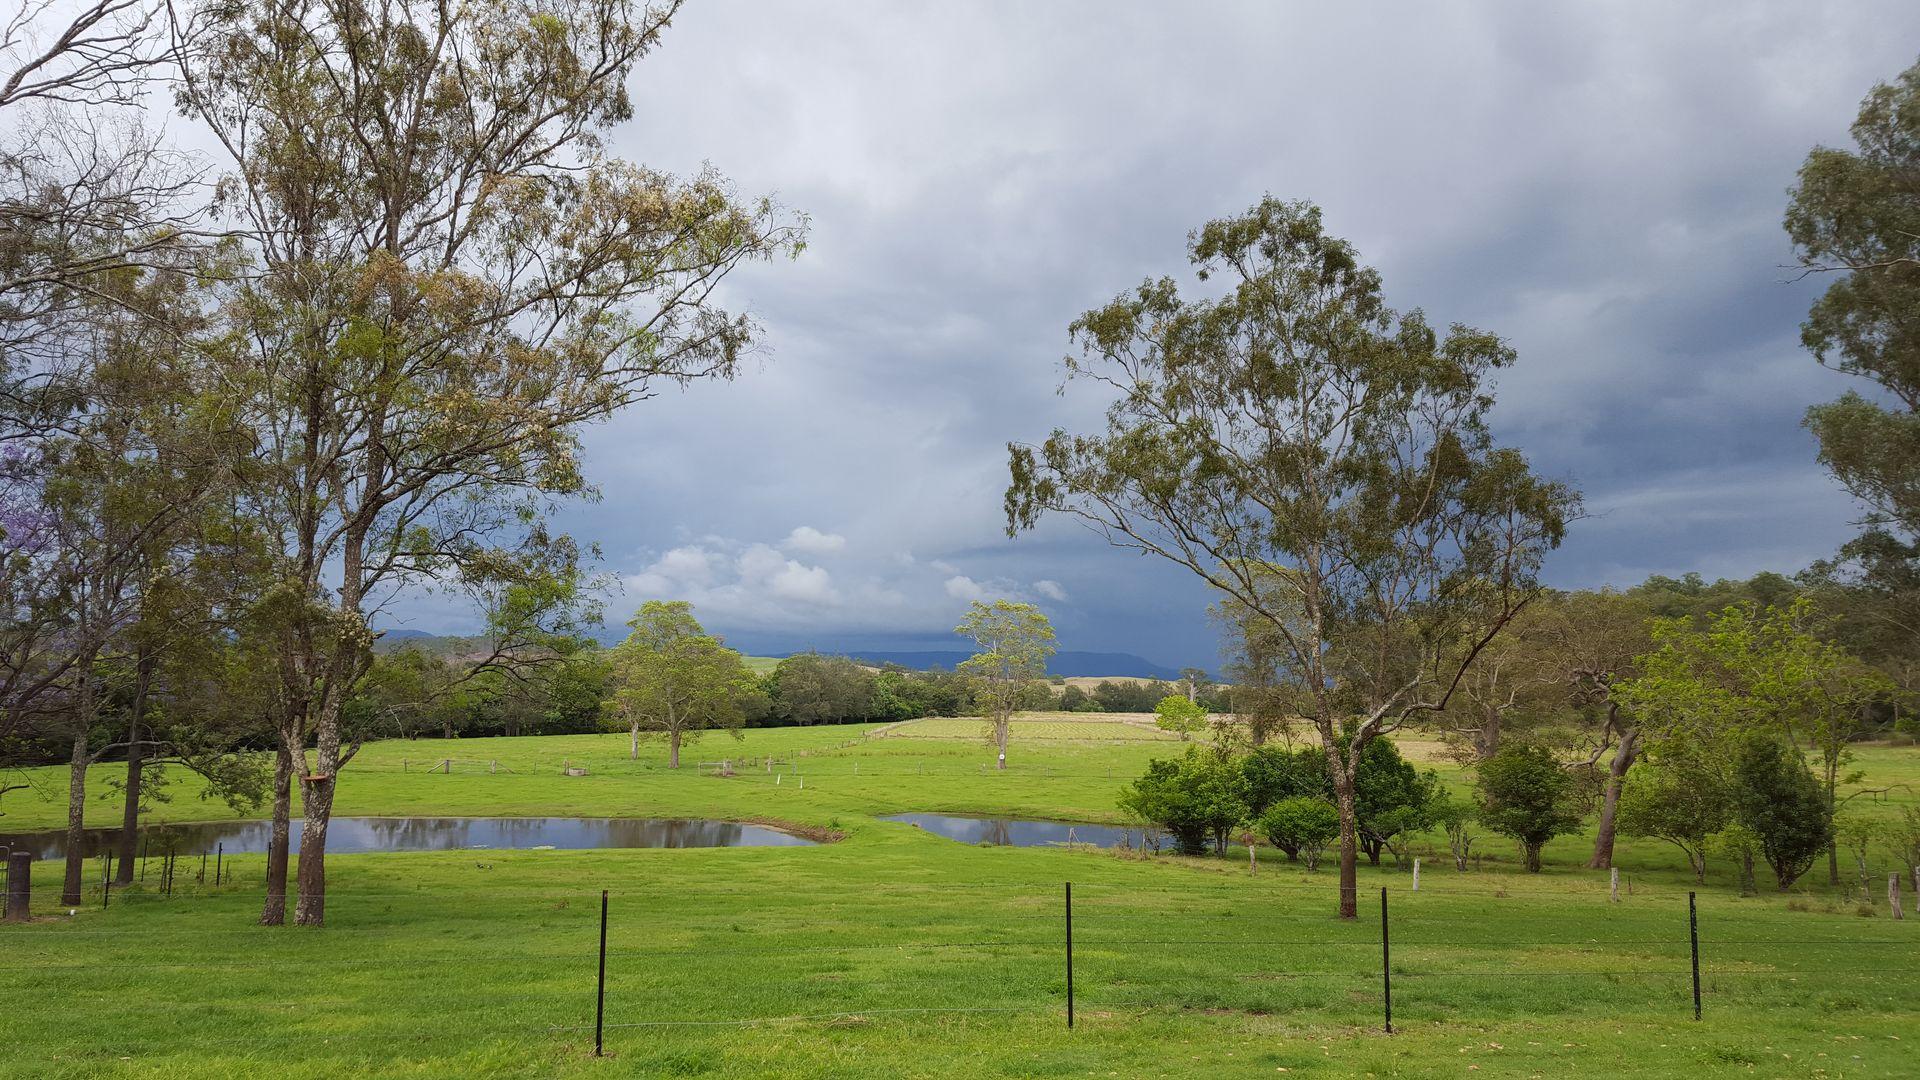 6 Saunders Road Doubtful Creek, Doubtful Creek NSW 2470, Image 2